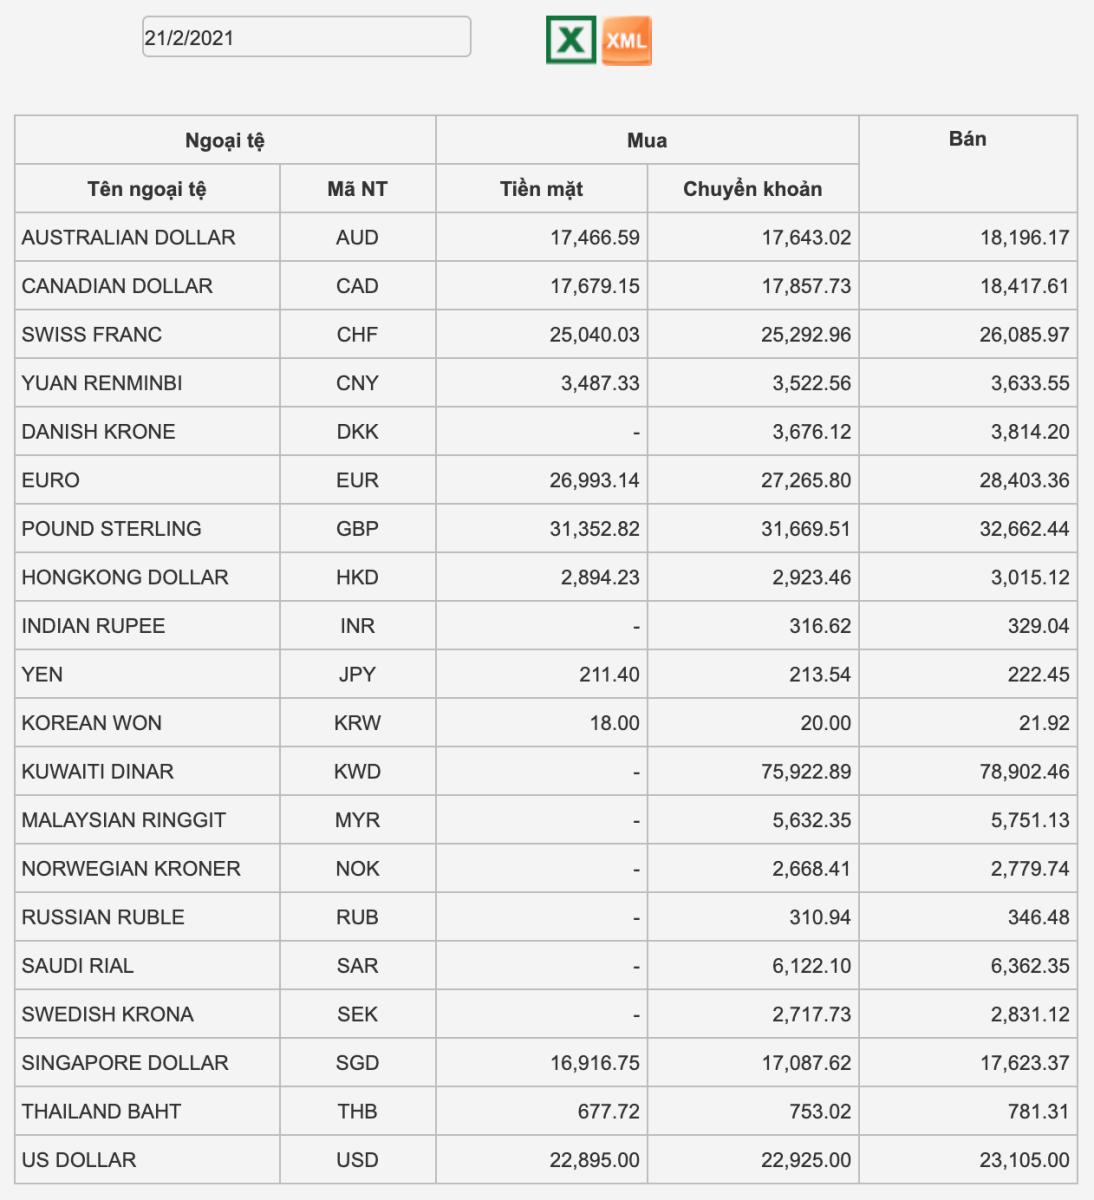 Tỷ giá Vietcombank hôm nay 21/2: Chốt tuần, USD giảm trở lại